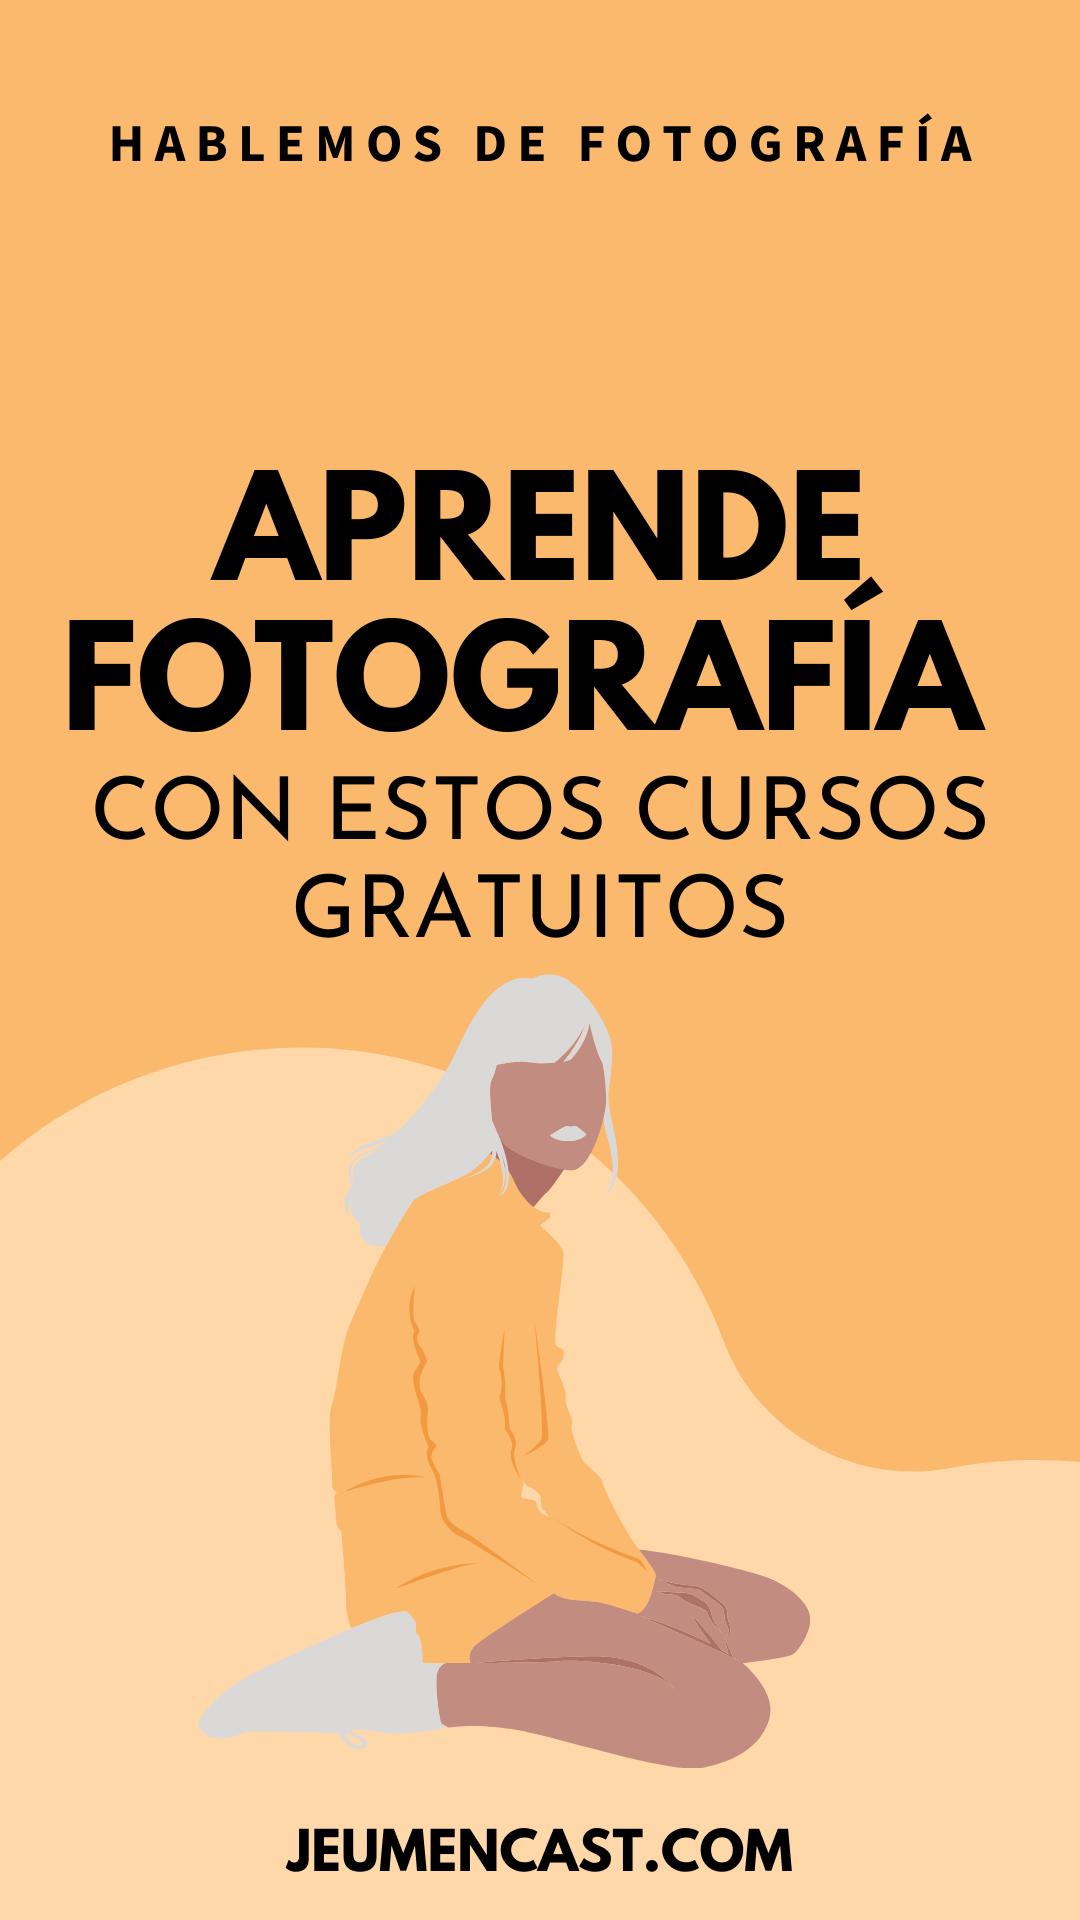 Cursos Gratuitos De Fotografía Cursos De Fotografia Cursos De Fotografia Online Aprender Fotografía